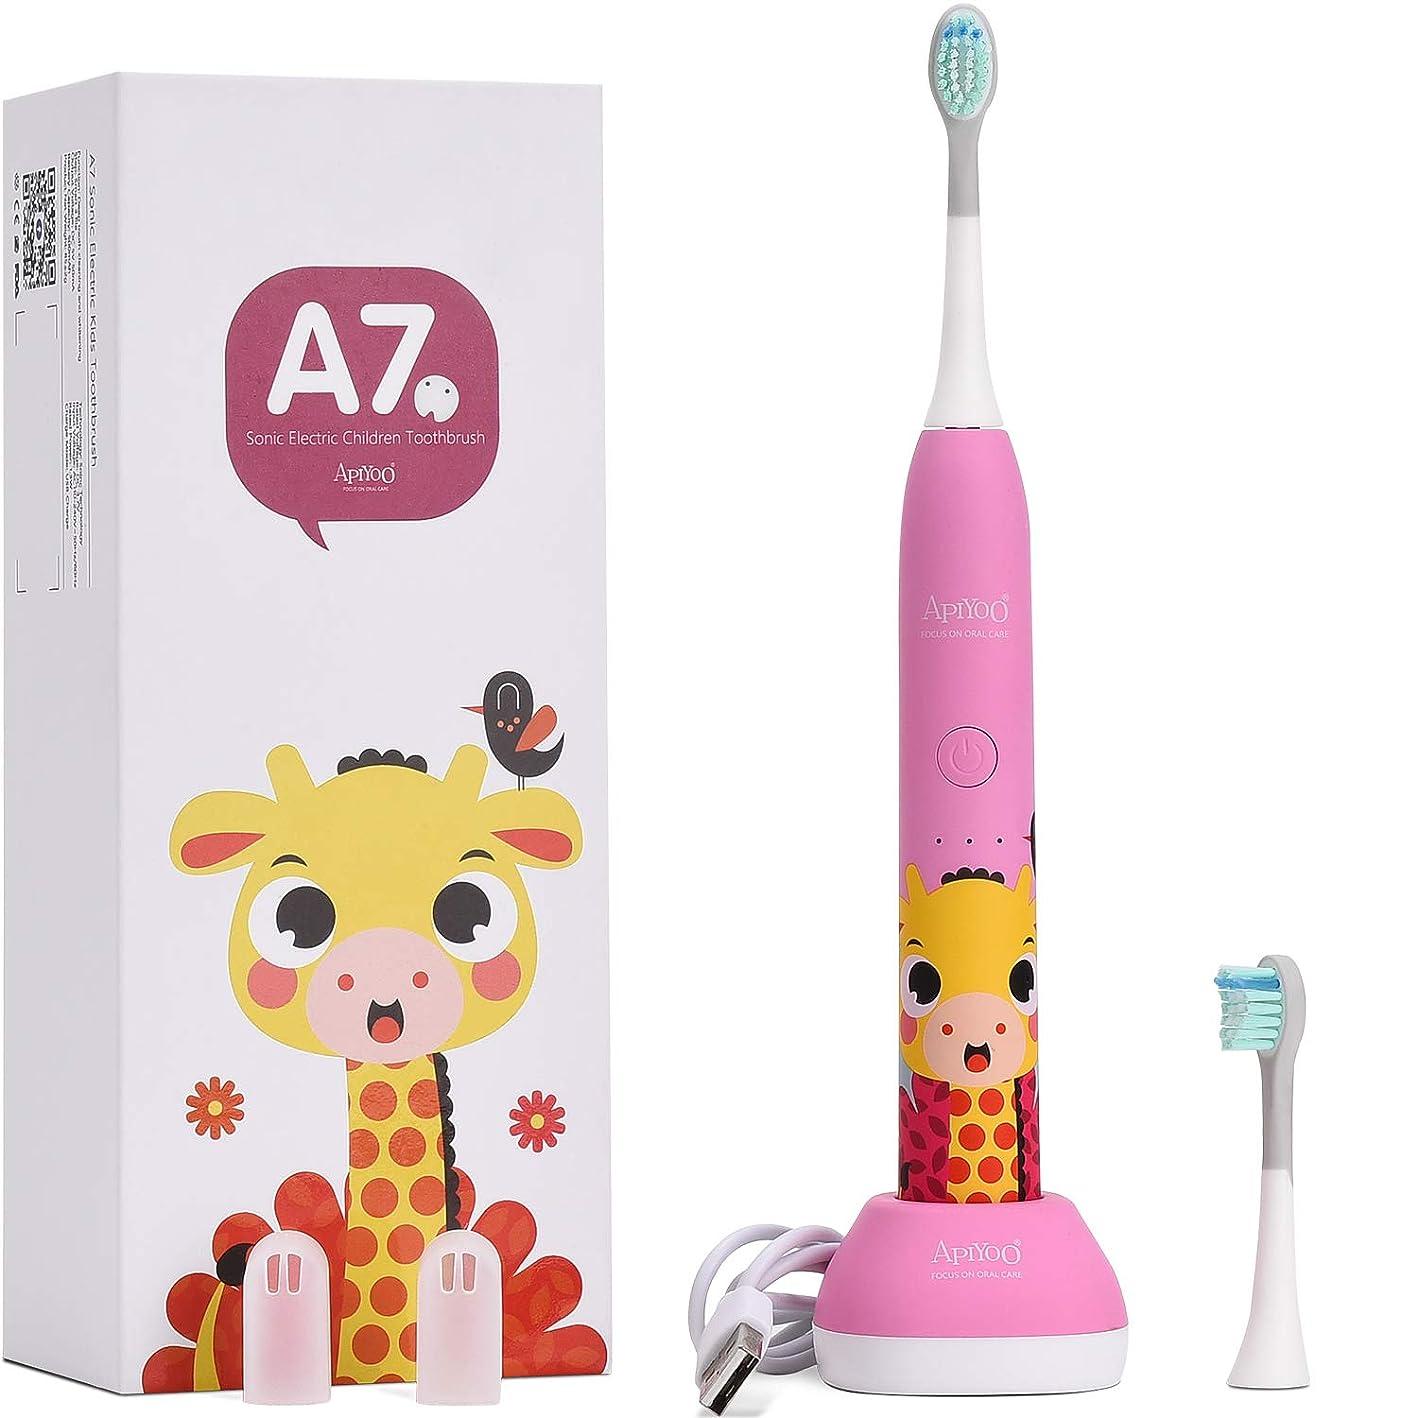 子供用歯ブラシ、APIYOO A7ワイヤレス充電式電動歯ブラシ、IPX7防水、三種類ブラッシングモード、子供に対応の2分間スマートタイマー機能付き(ピンク)